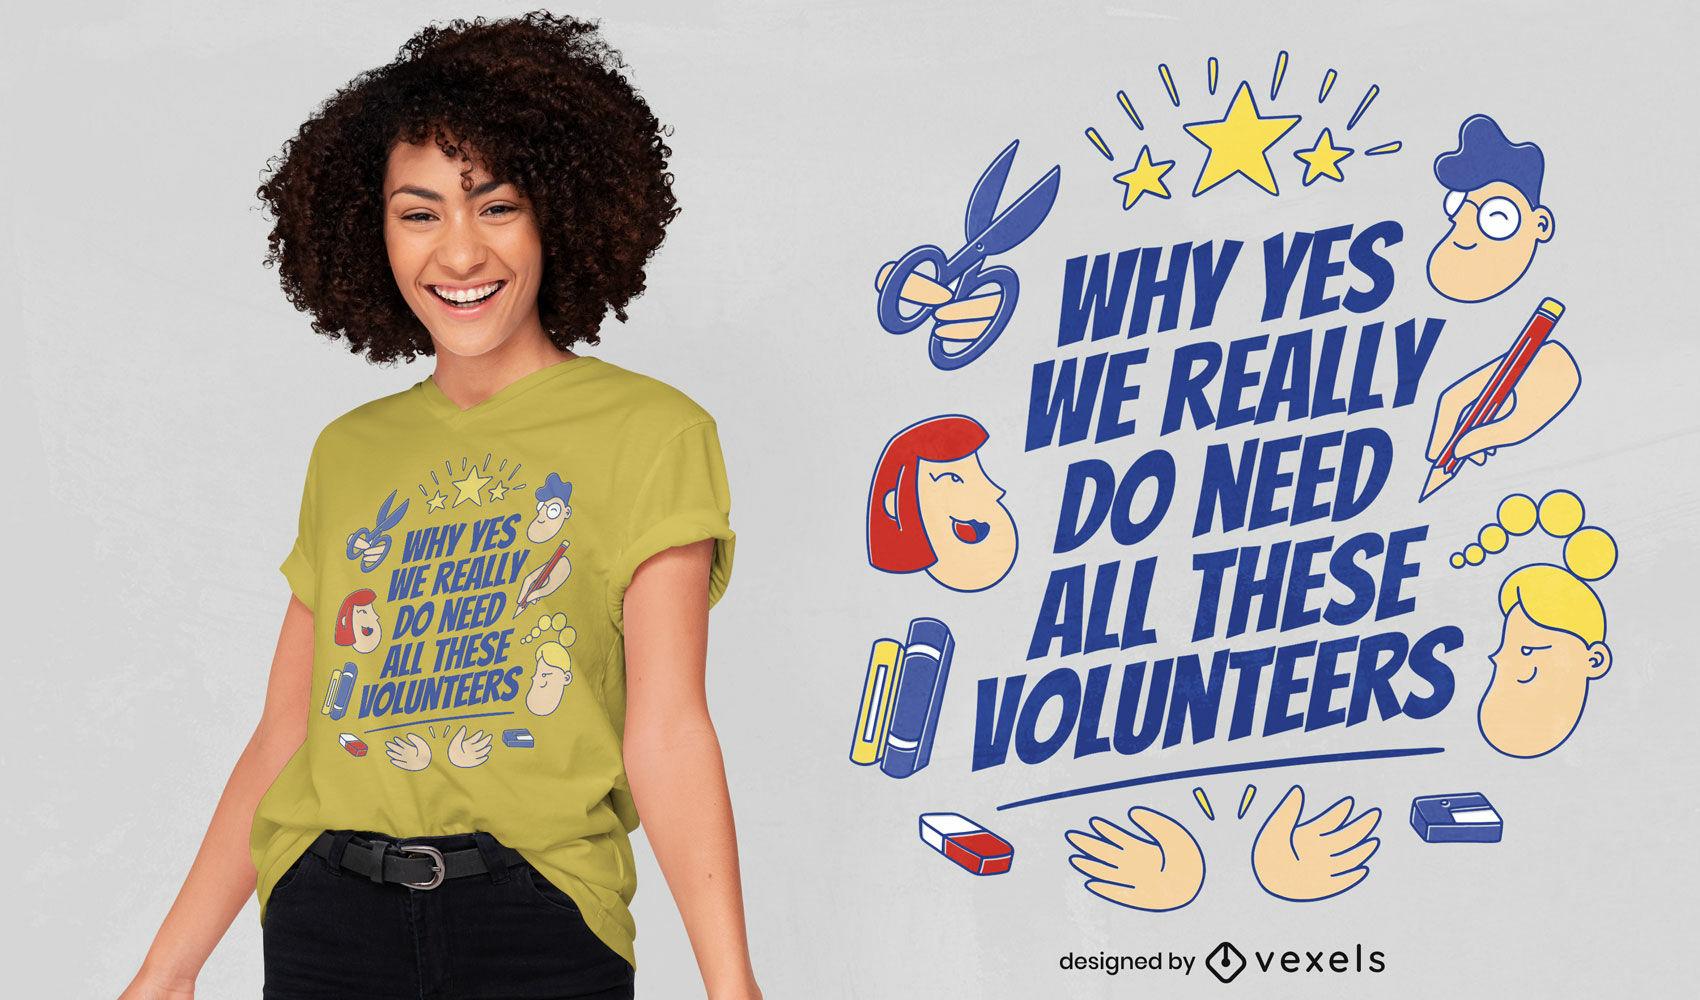 Diseño de camiseta de gente voluntaria feliz